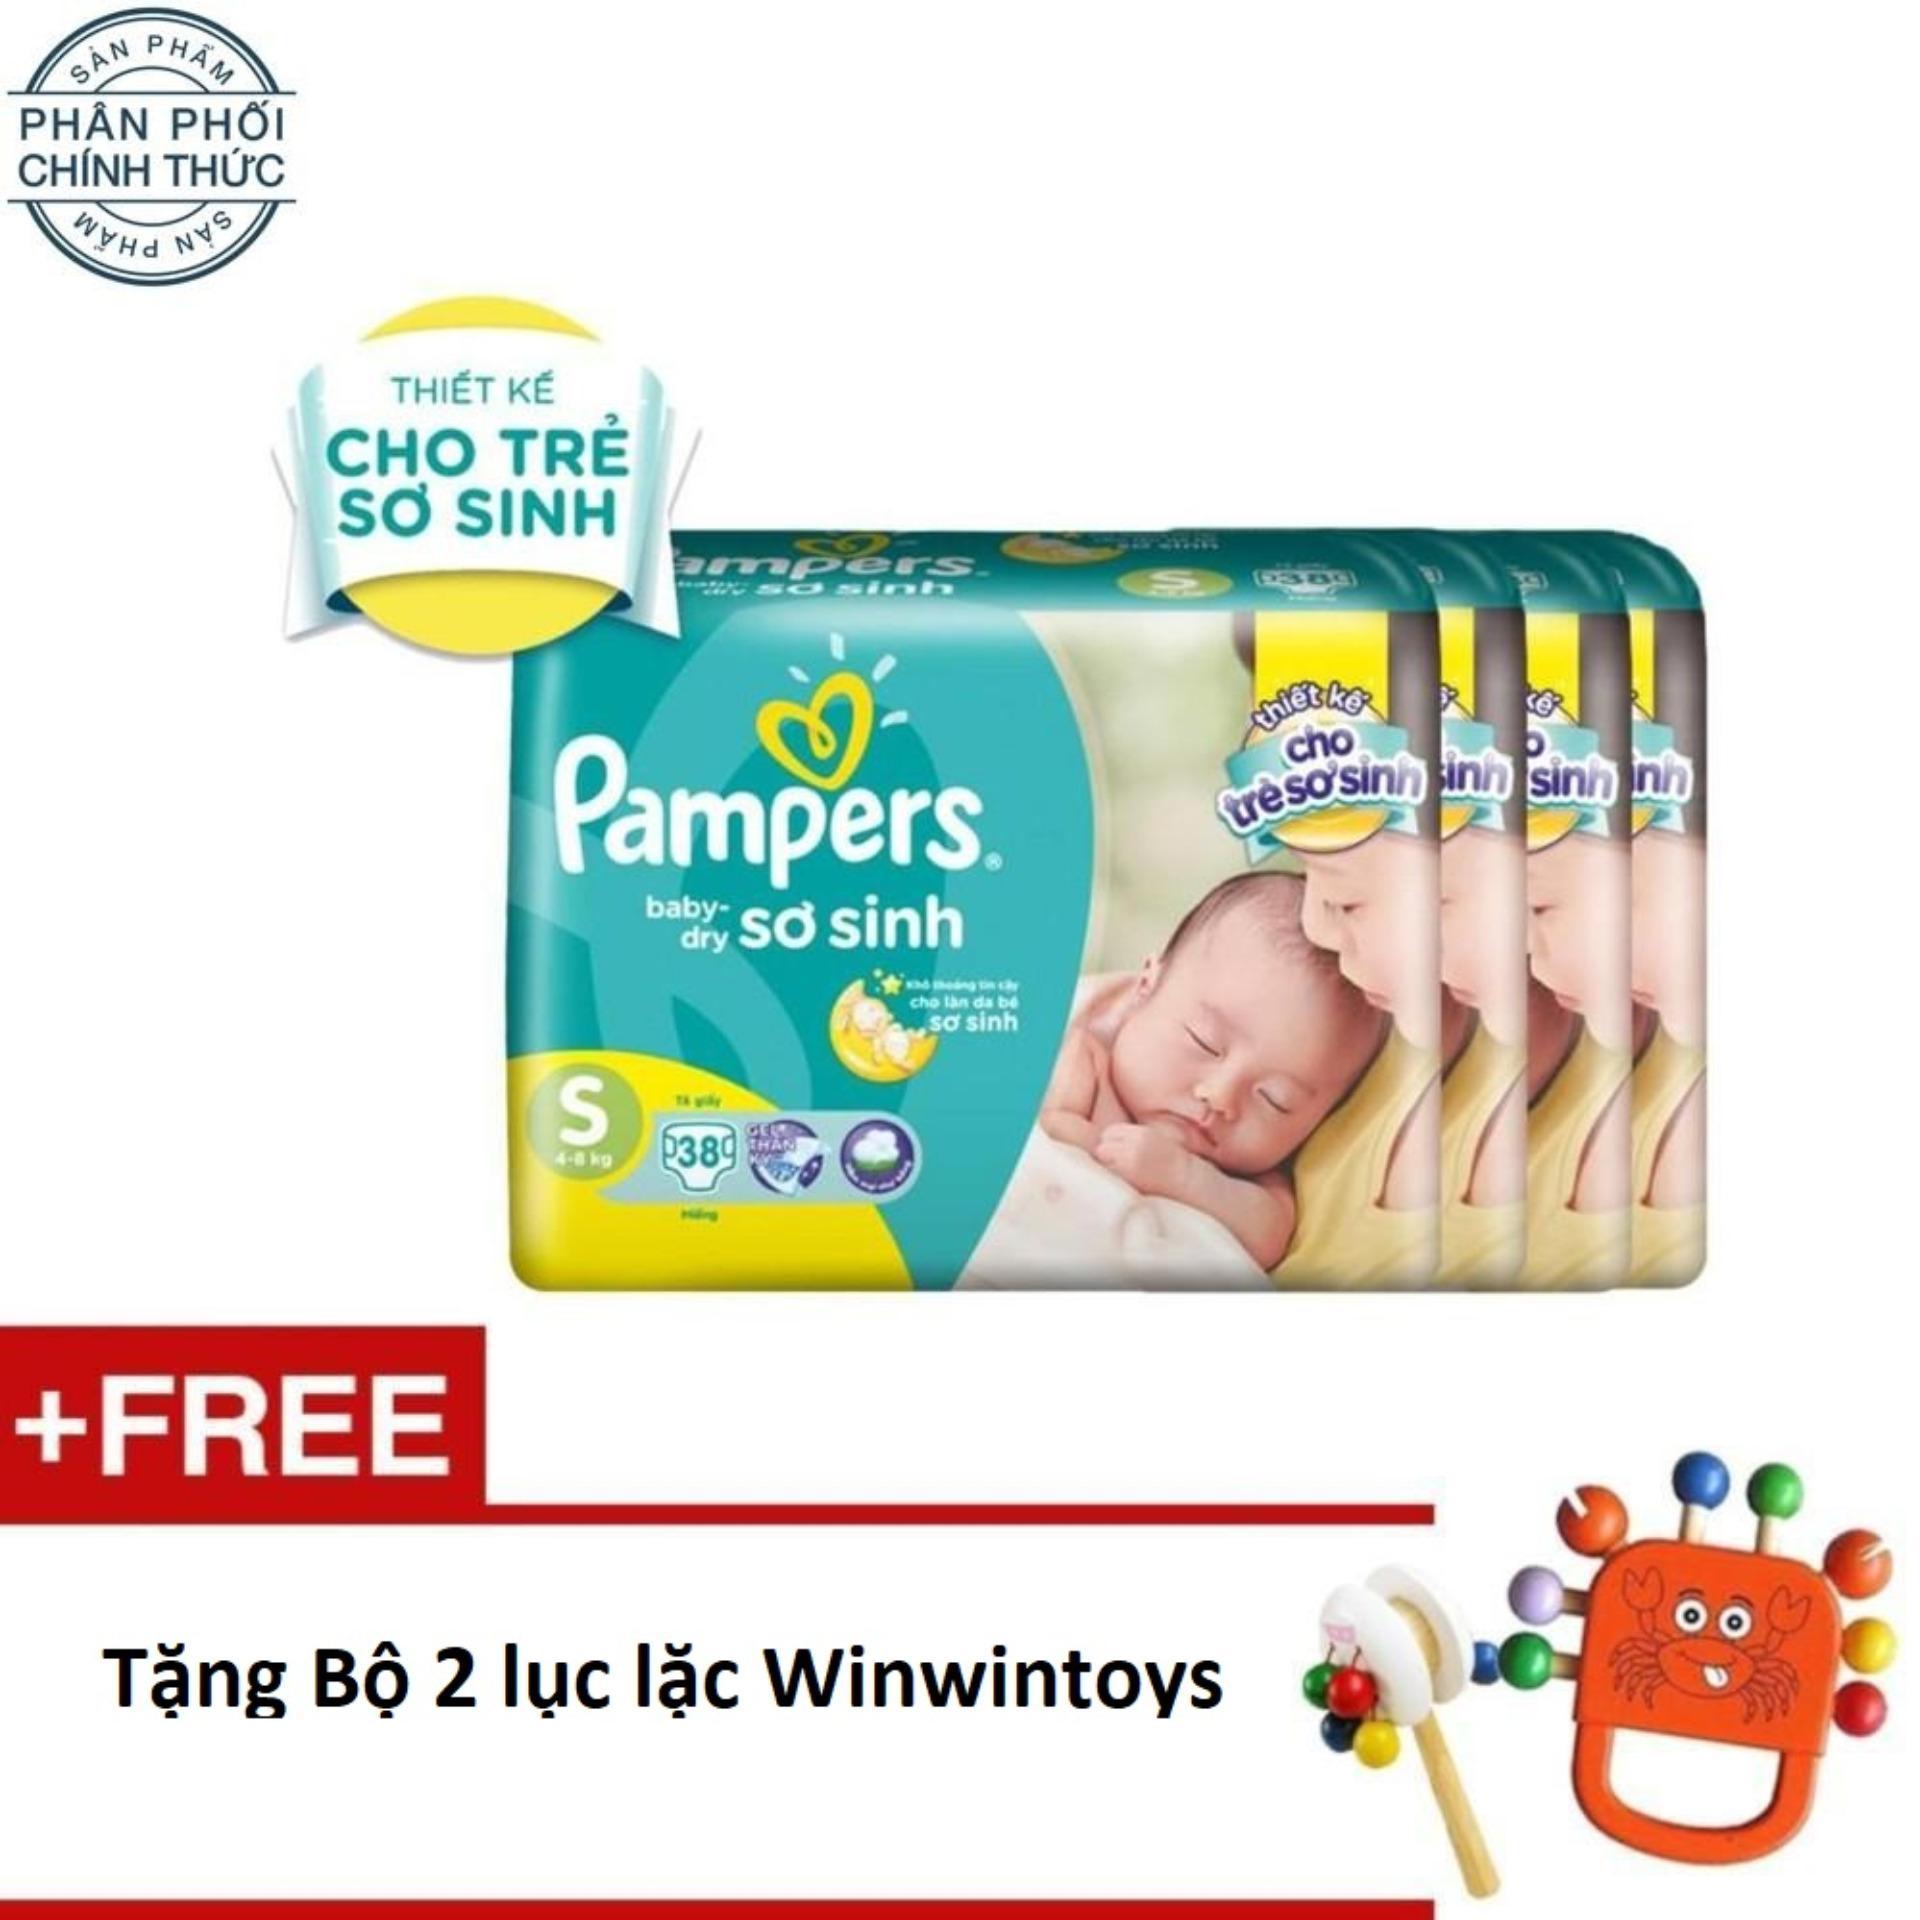 Cửa Hàng Bộ 4 Goi Ta Dan Pampers Baby Dry Size S 38 Miếng Tặng Bộ 2 Lục Lặc Winwintoys Ngẫu Nhien Trị Gia 120 000 Vnd Pampers Trong Vietnam